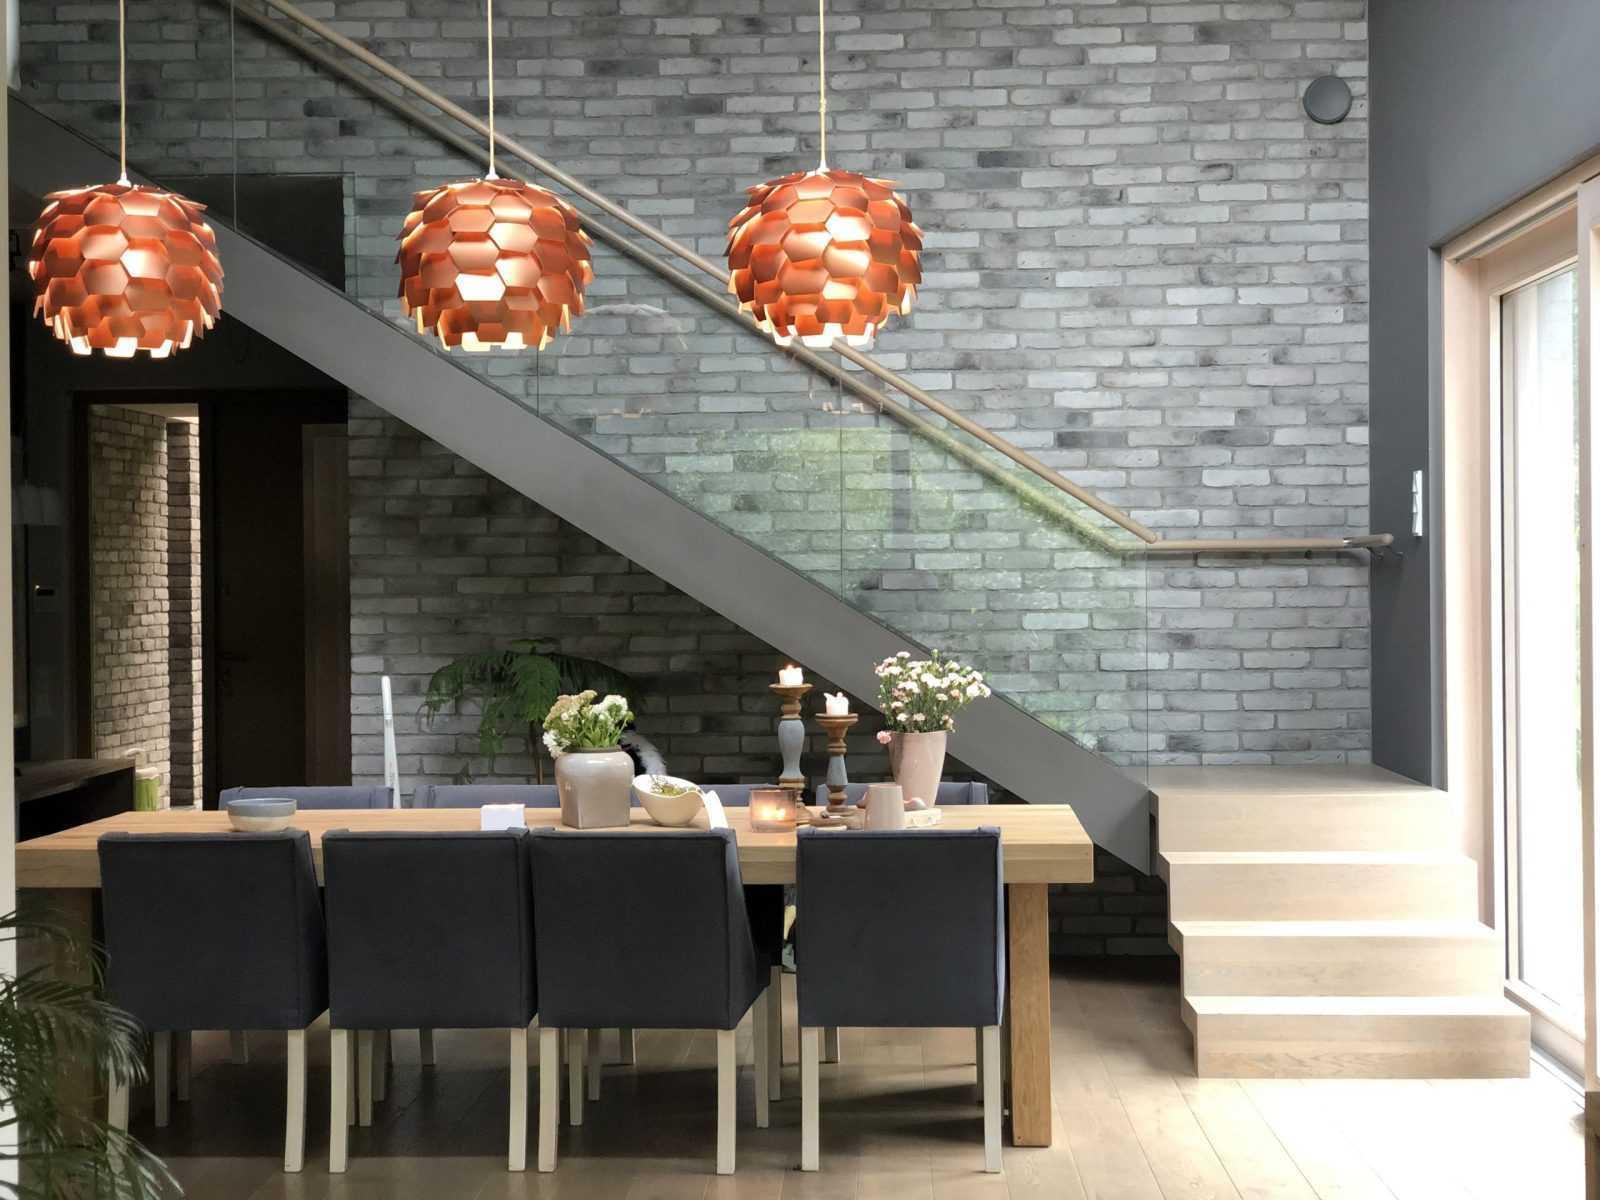 fullmet-konstrukcje-stalowe-schody metalowe2